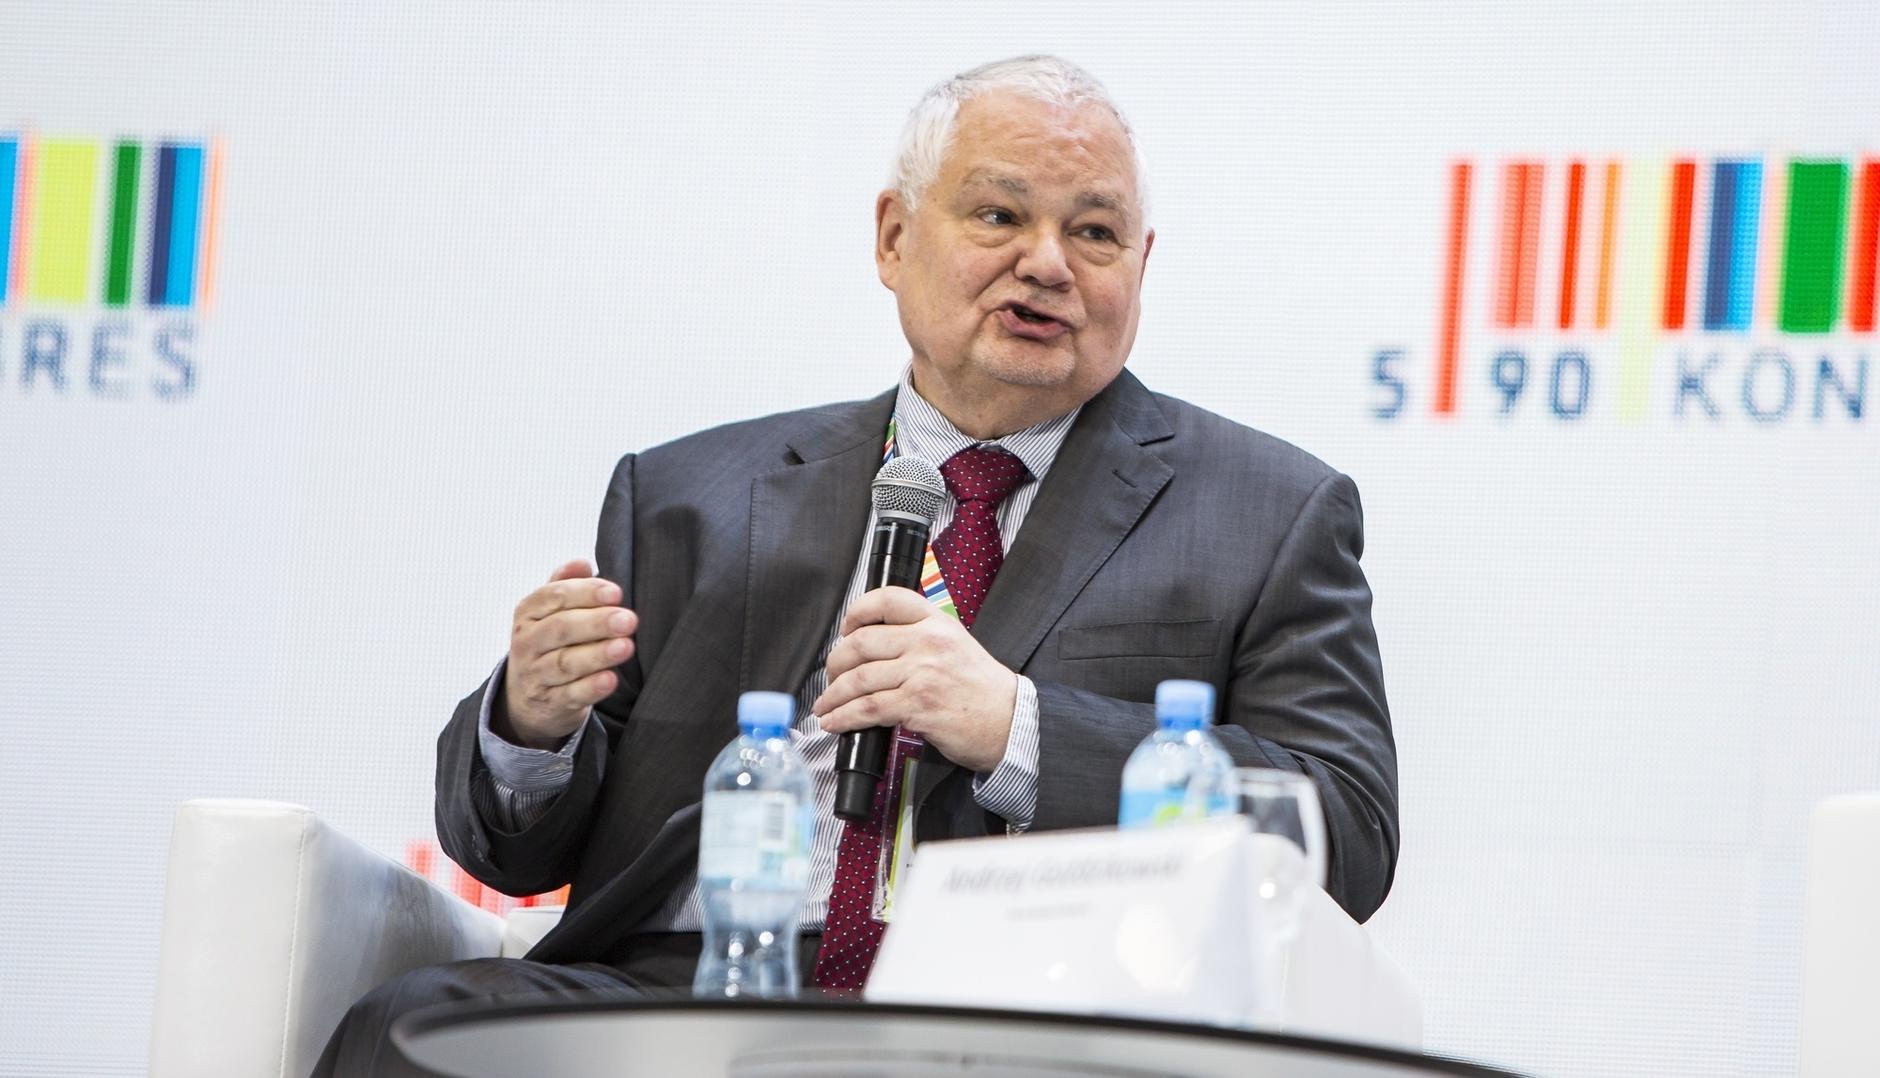 Zdjęcie obrazujące: Glapiński potwierdza, że może być na taśmie Czarneckiego. Spotkanie nazywa